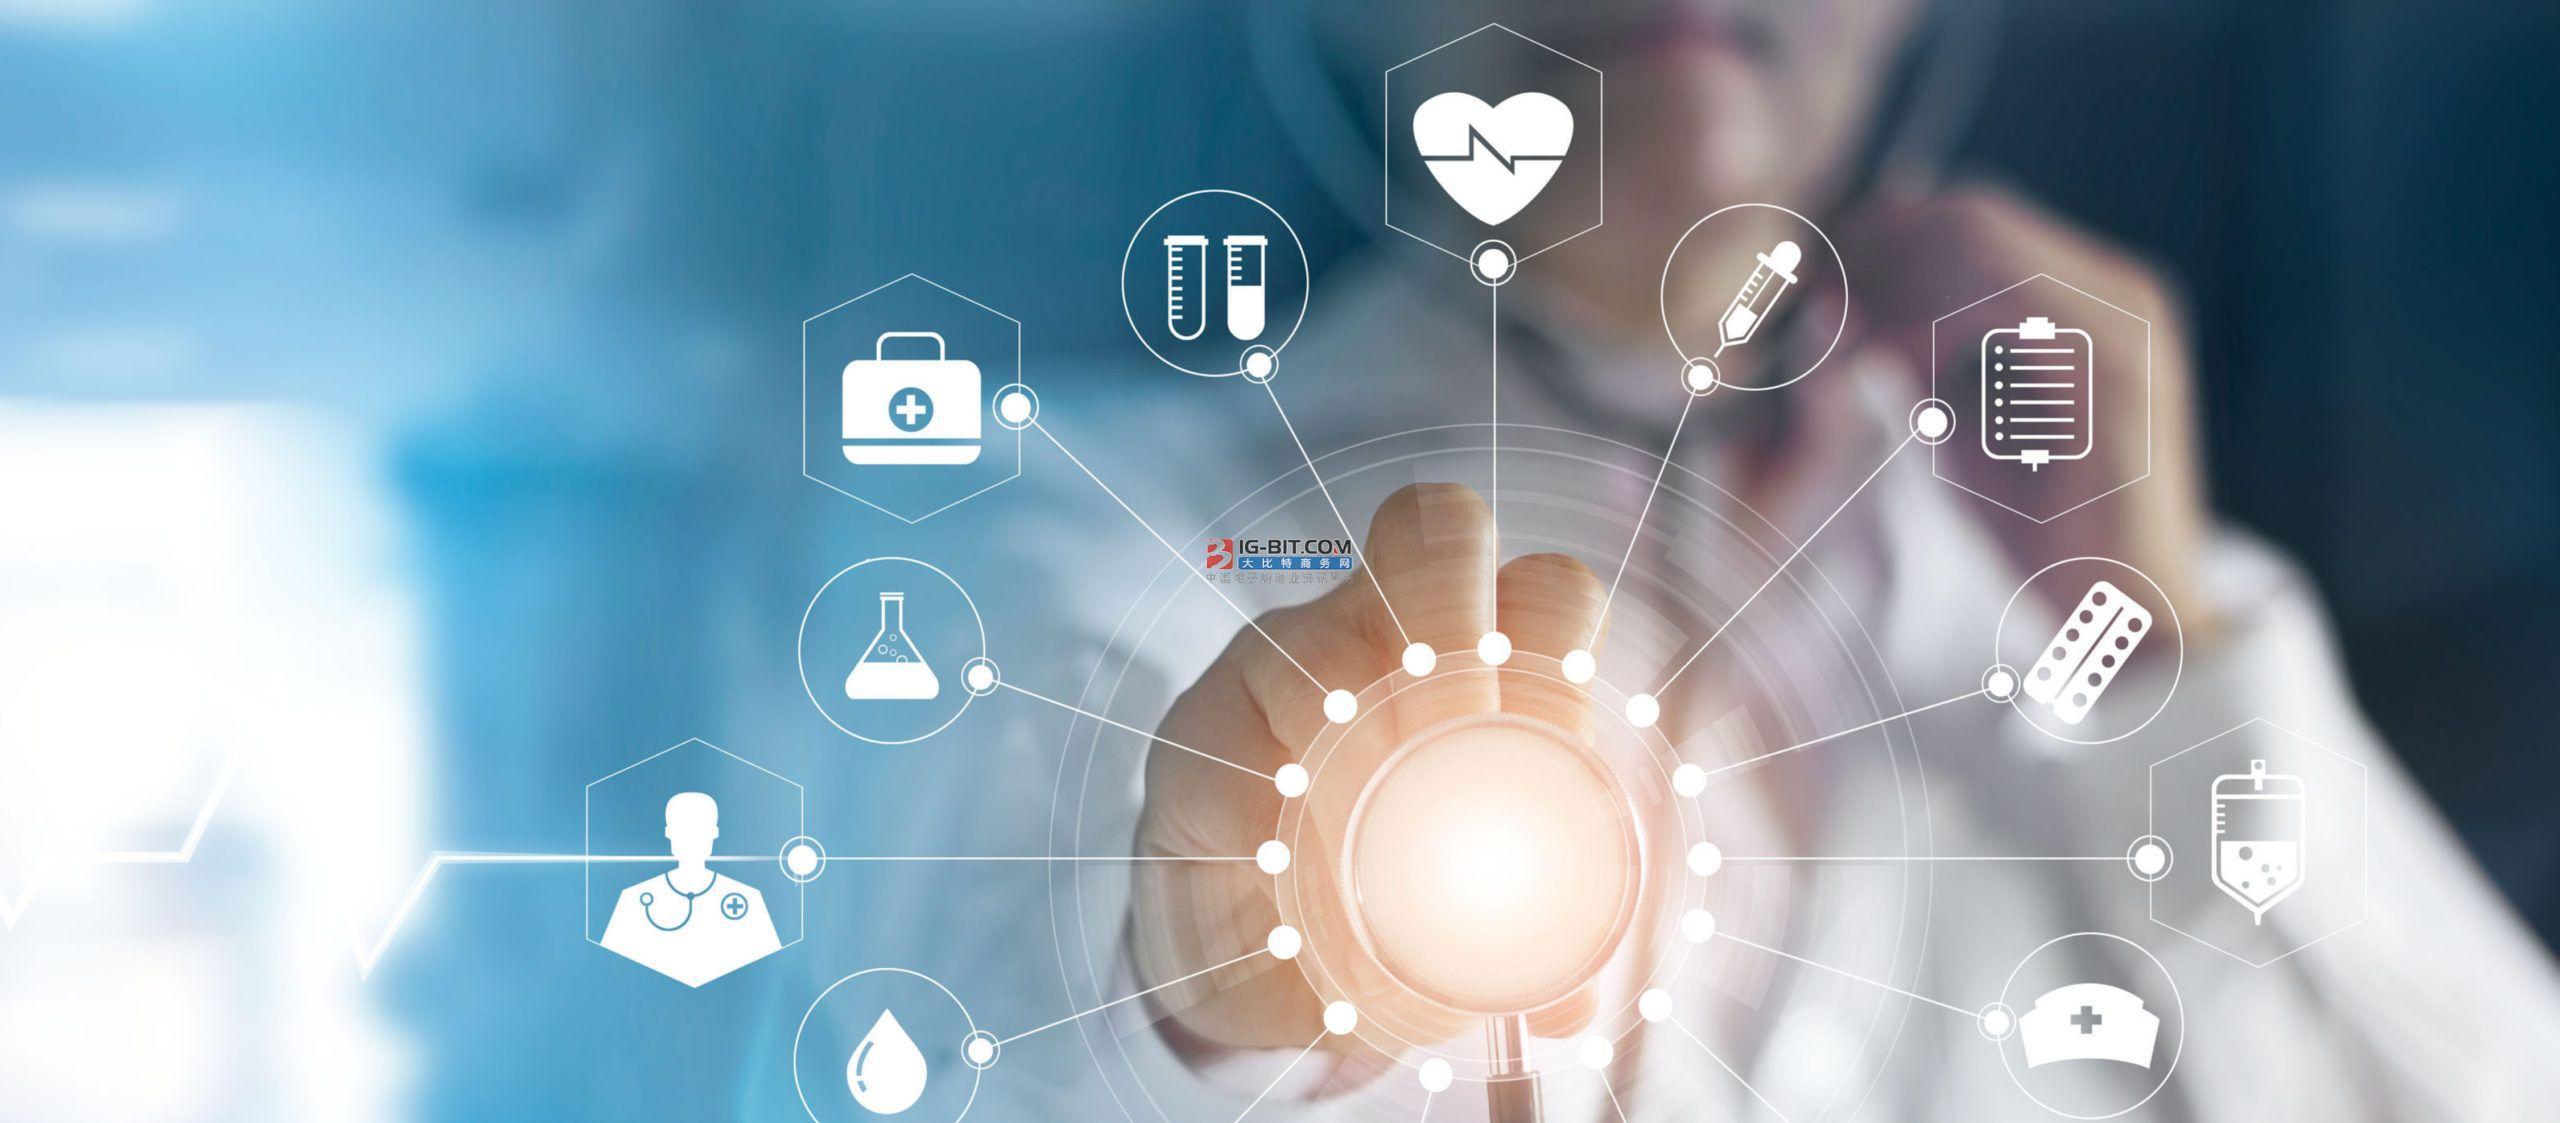 世界人工智能大会建立医疗AI标准数据集,AI发展仍需处理多个数据问题